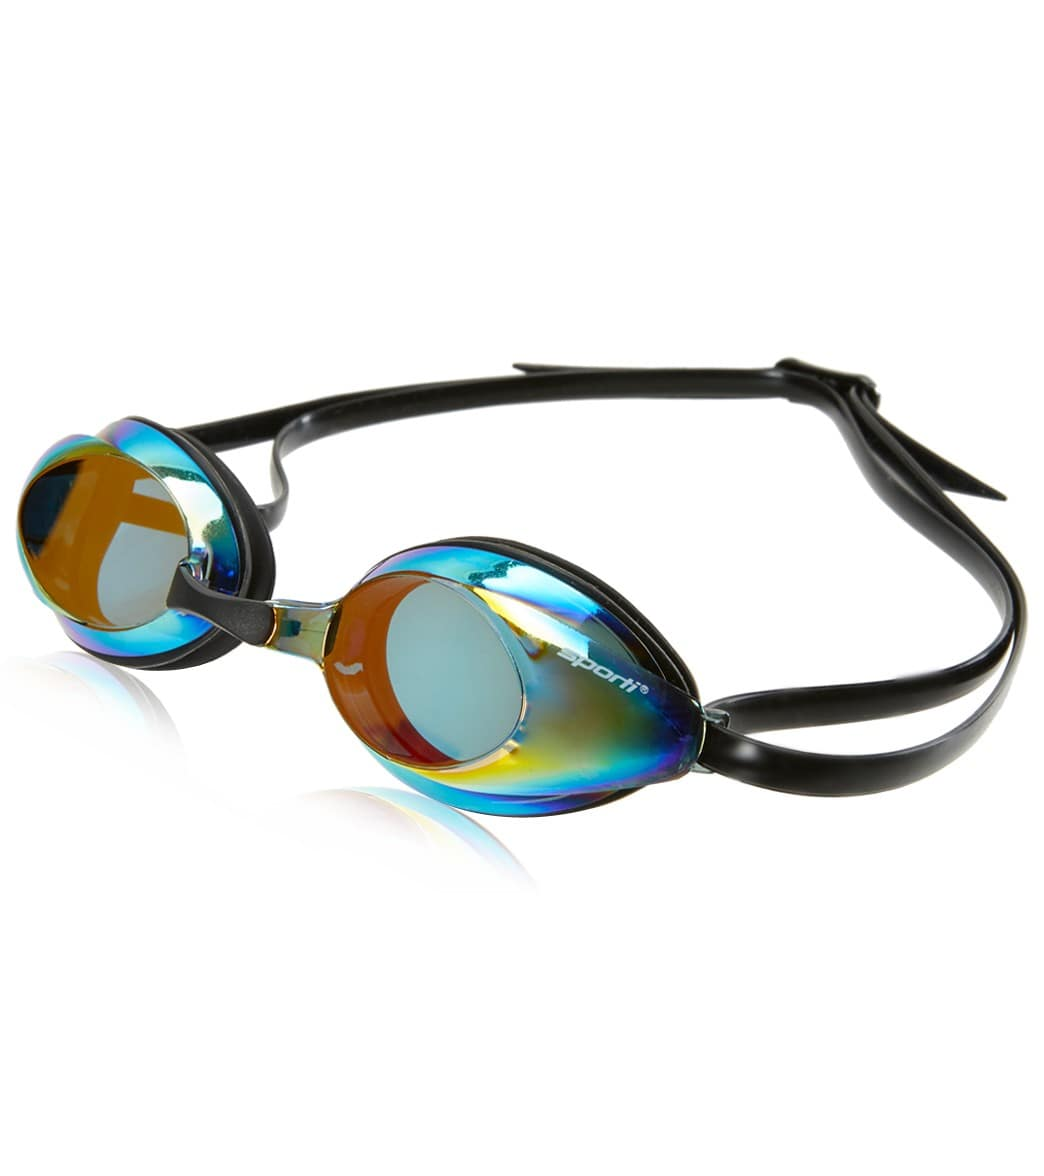 0dea0dd7746 Sporti Antifog S2 Optical Mirrored Goggle at SwimOutlet.com